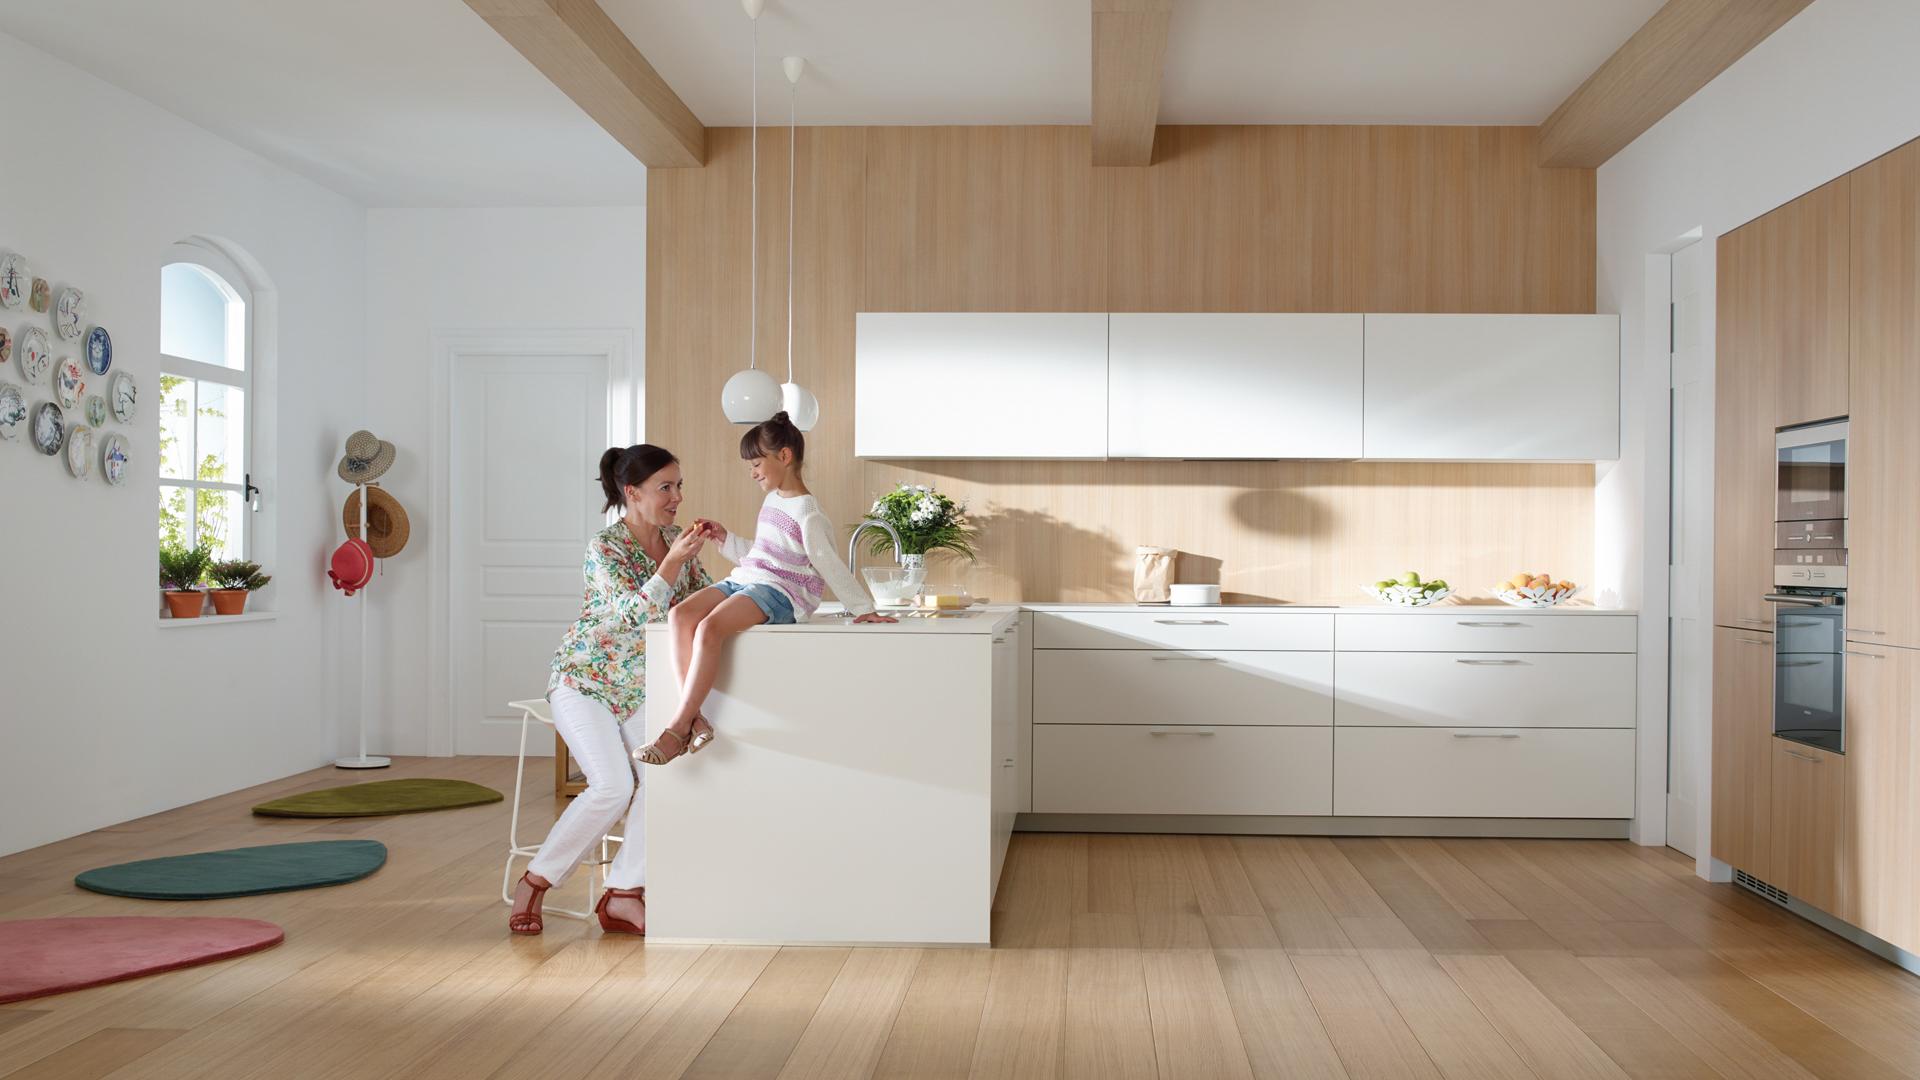 Usos de la cocina Santiago Interiores